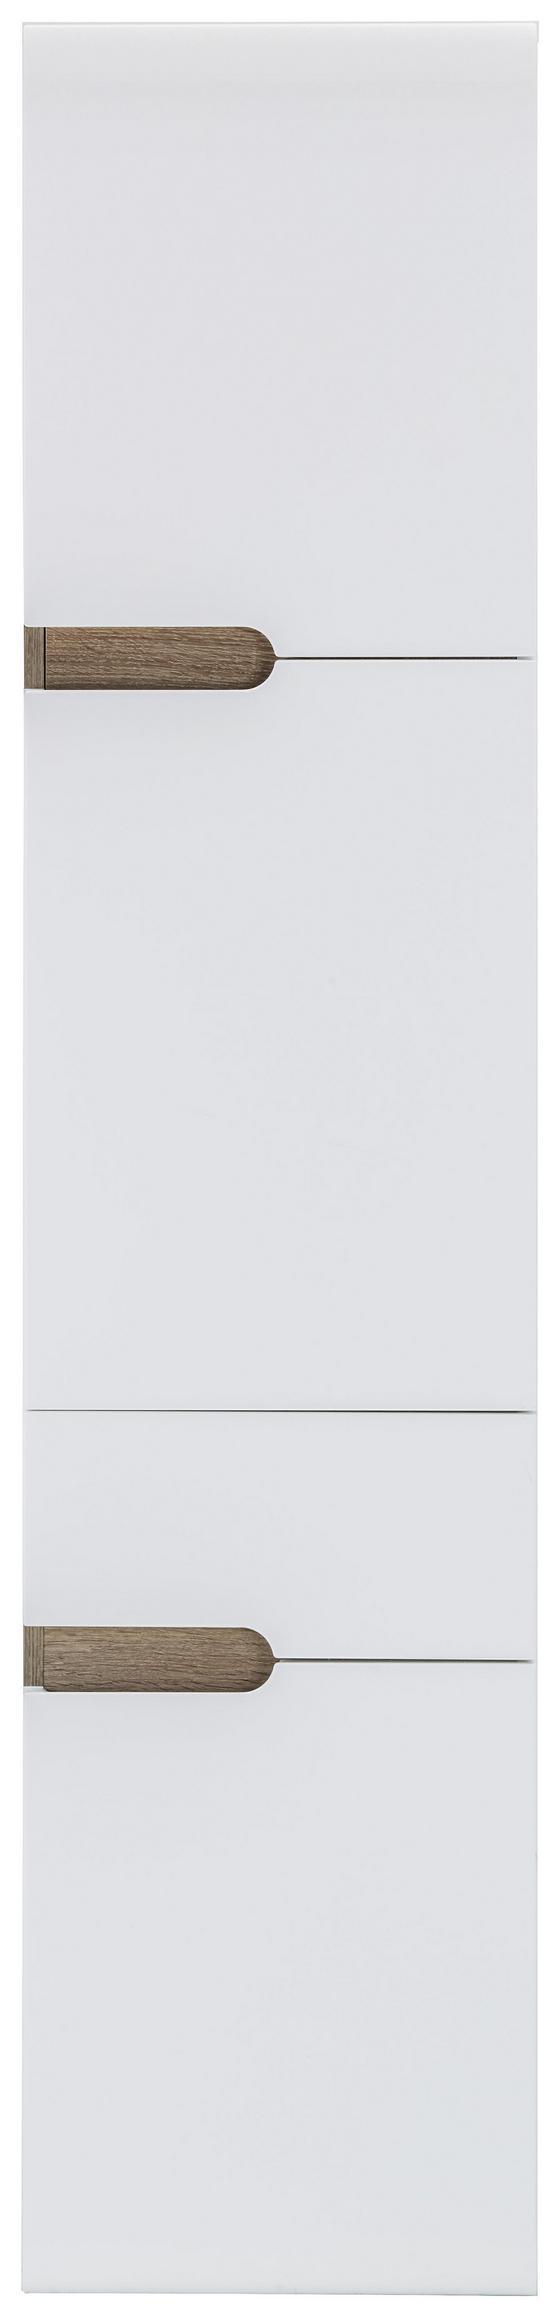 Vysoká Skriňa Linate - Moderný, kompozitné drevo (40 176 31cm)